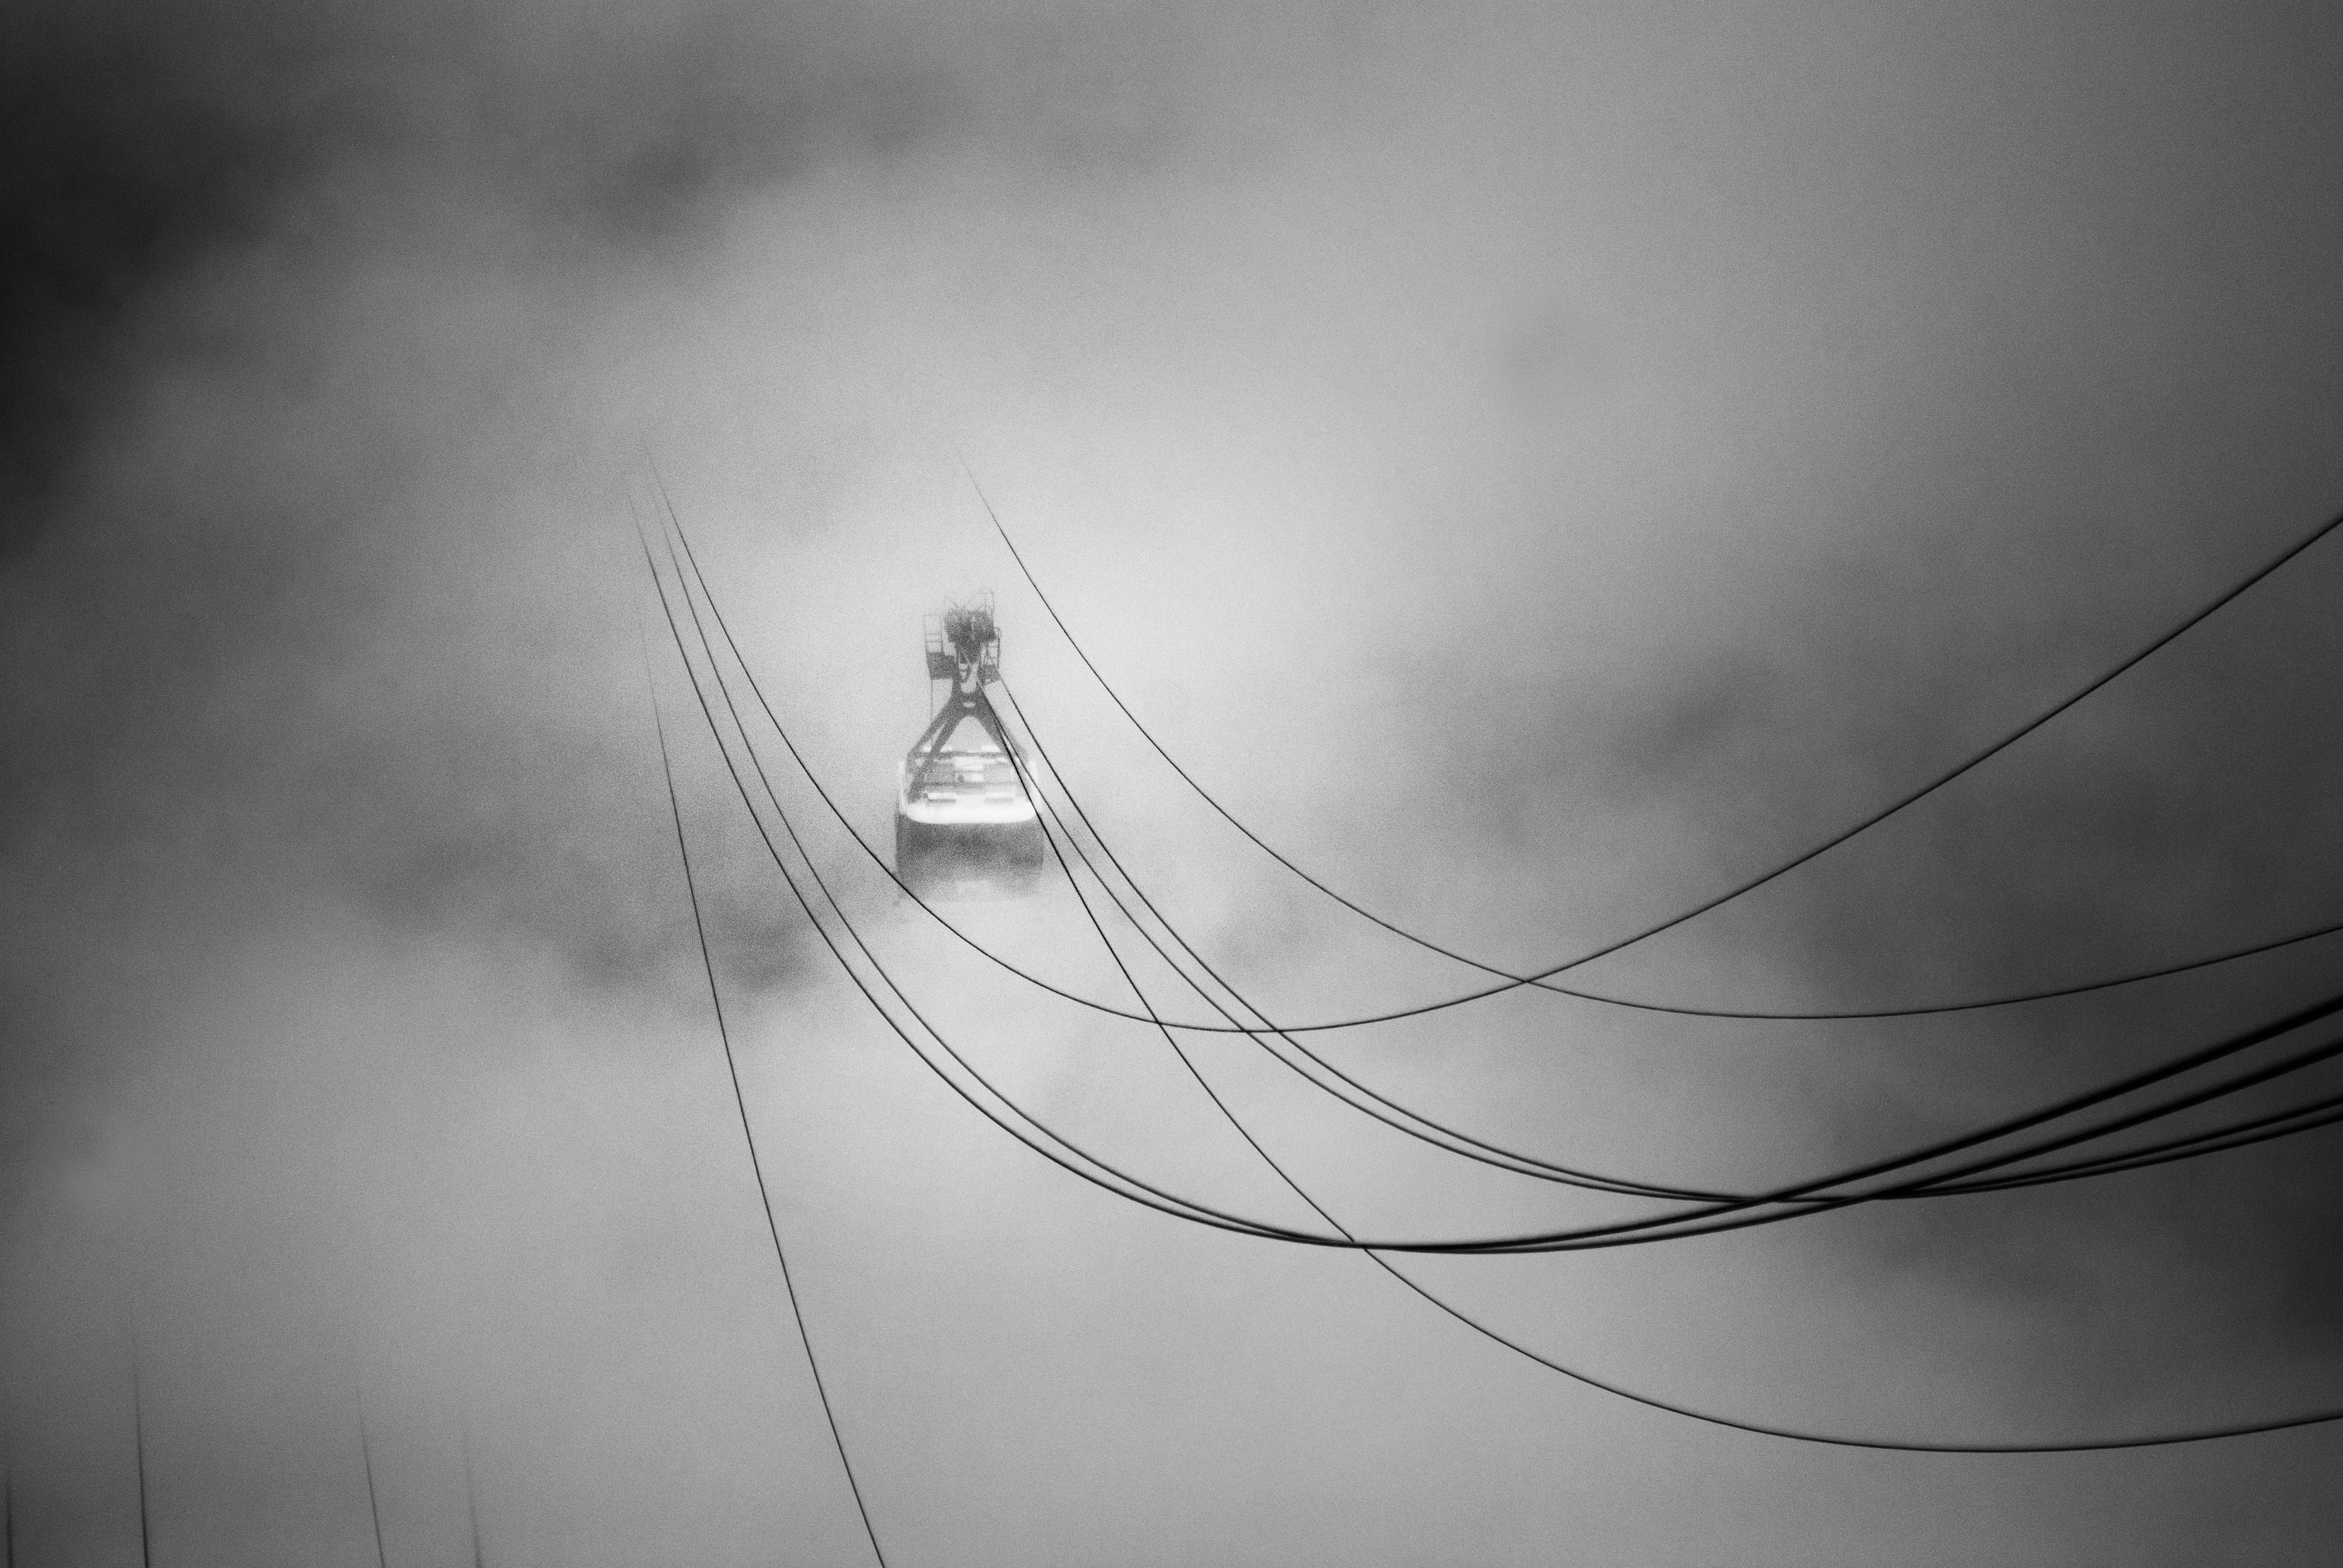 Kostenlose foto : Flügel, Licht, Wolke, Schwarz und weiß, Nebel ...